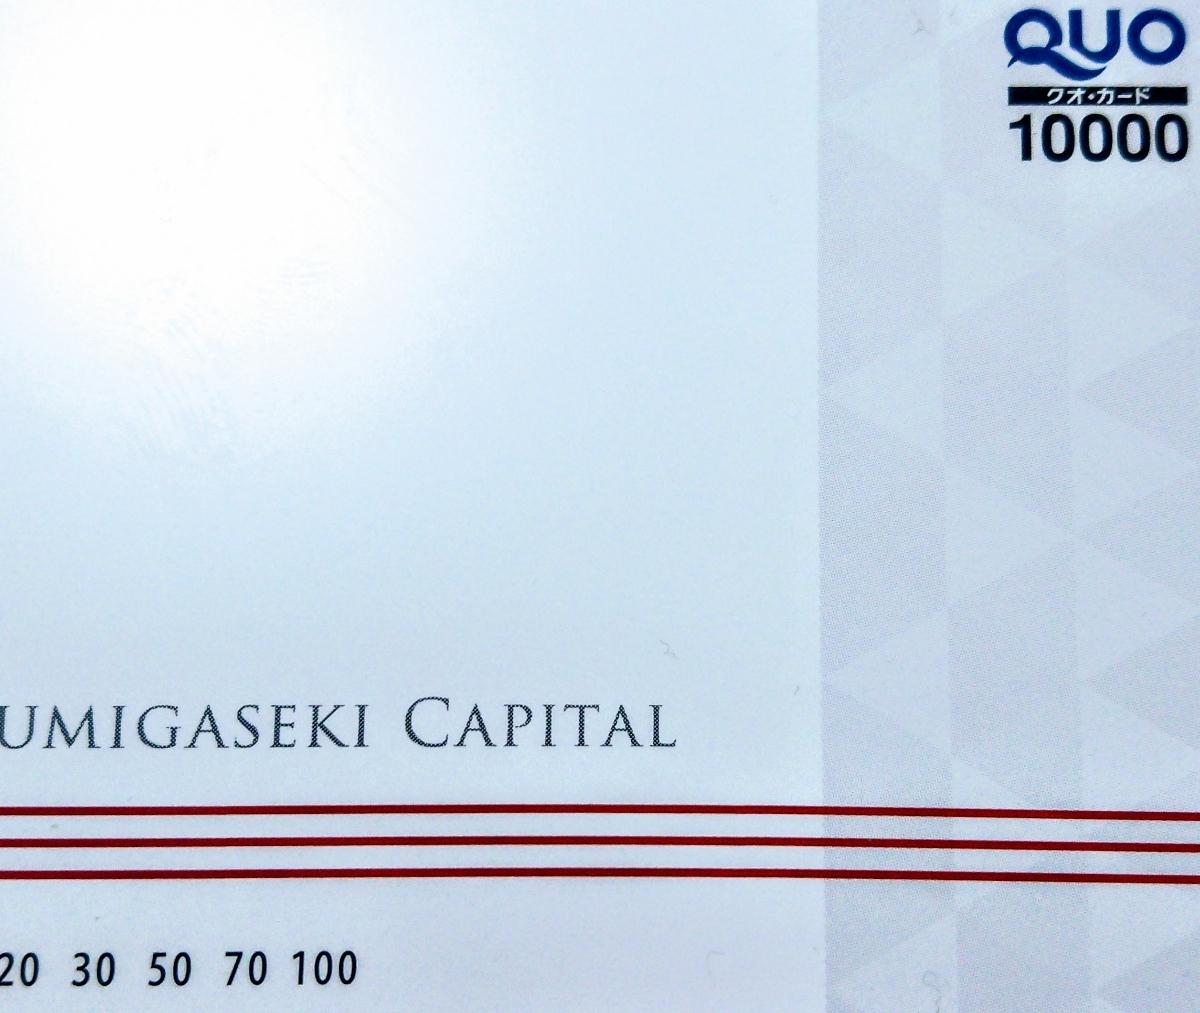 бесплатная доставка! QUO card 1 десять тысяч иен талон 1 листов ( не использовался товар )